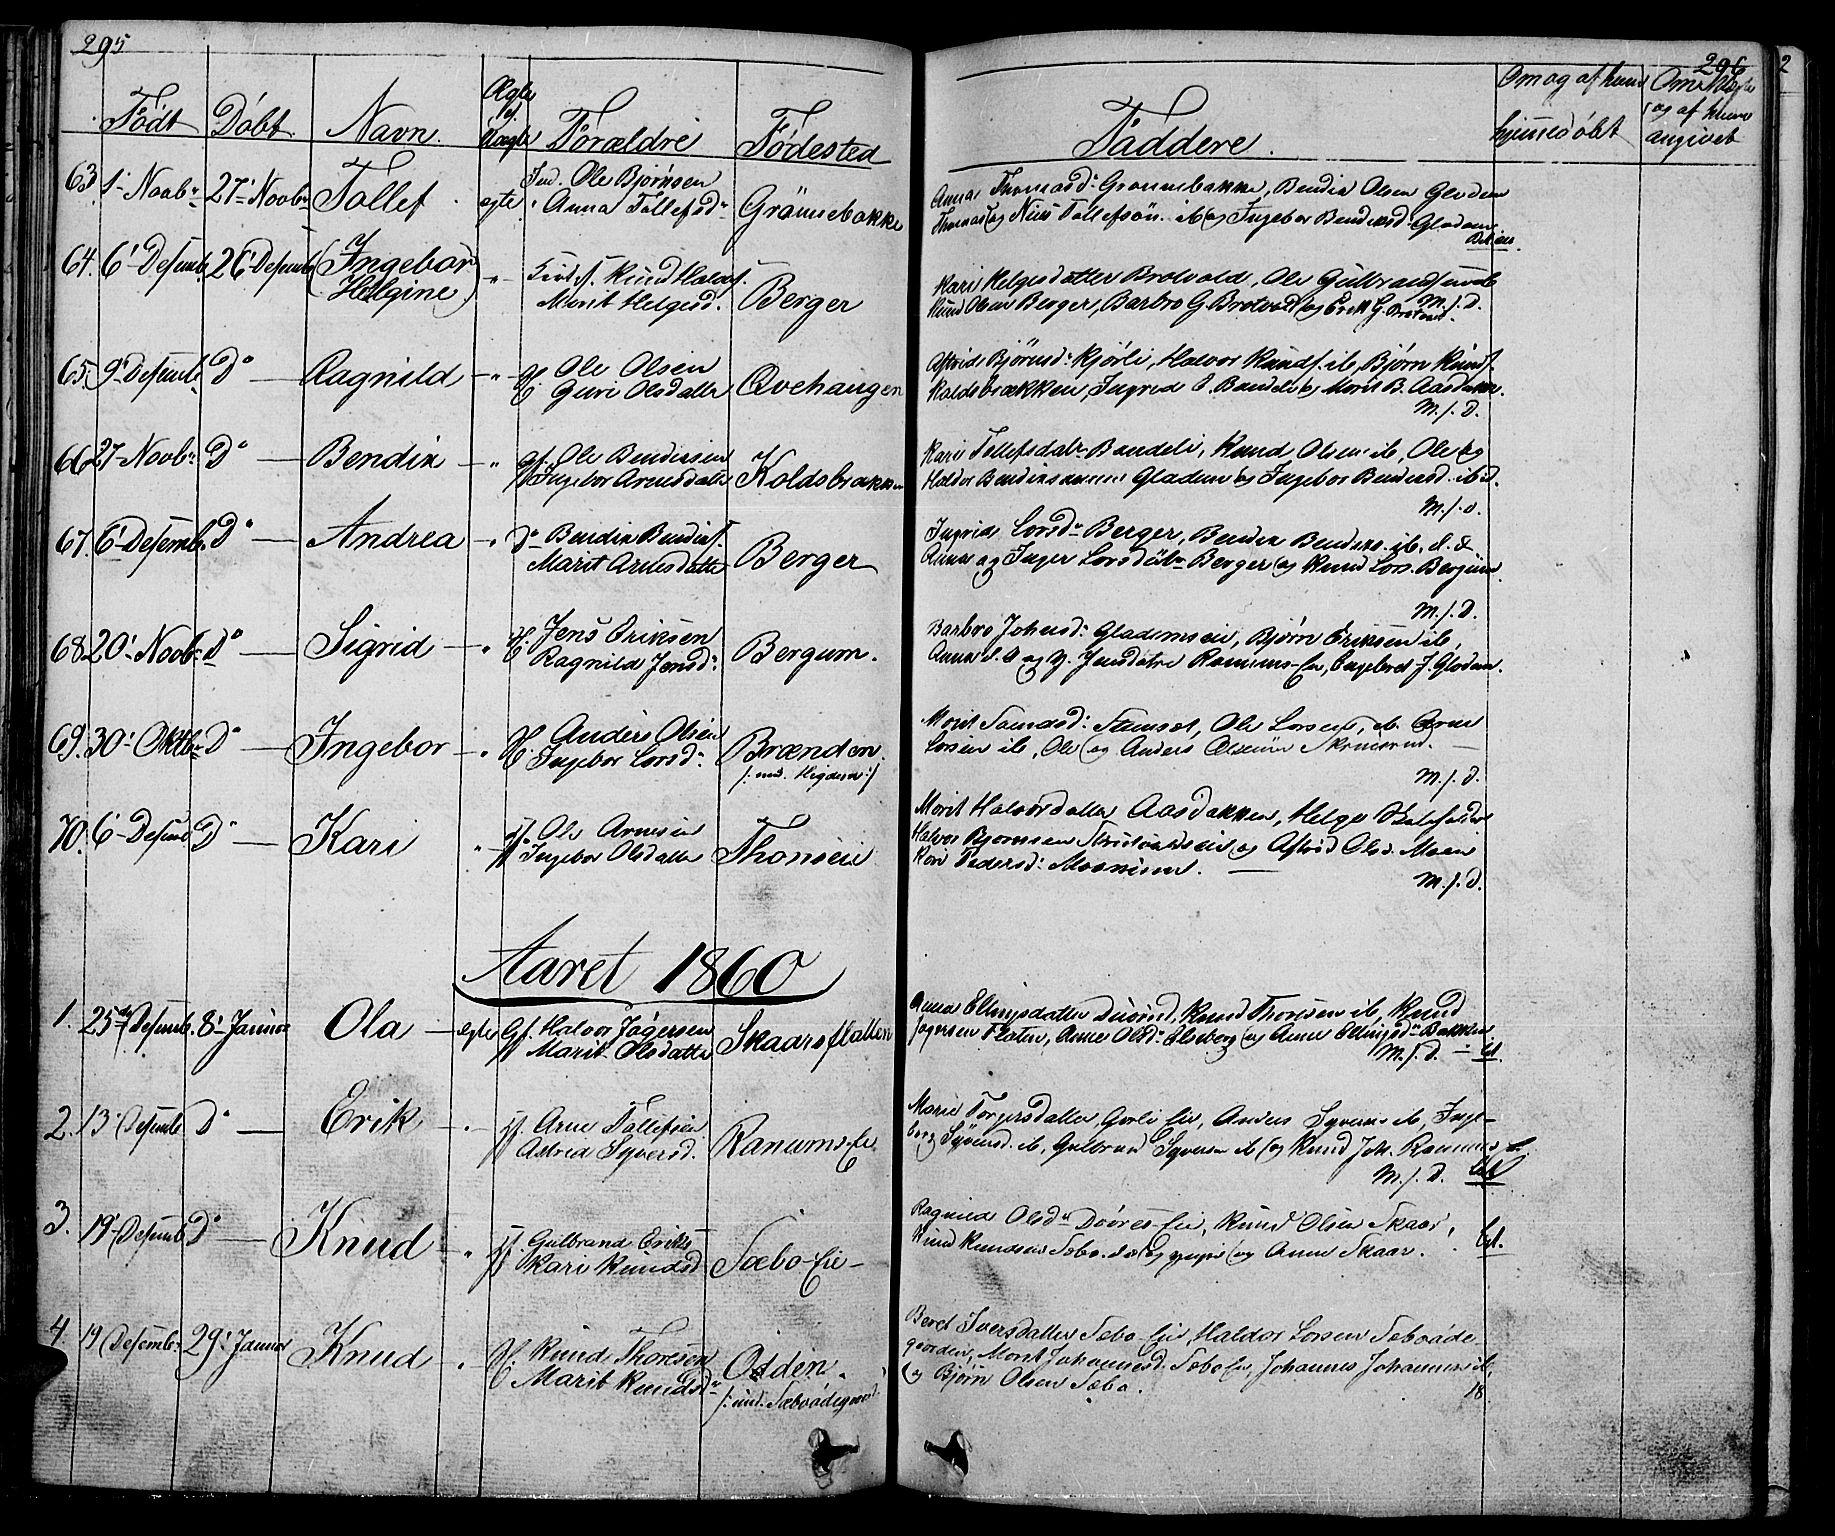 SAH, Nord-Aurdal prestekontor, Klokkerbok nr. 1, 1834-1887, s. 295-296